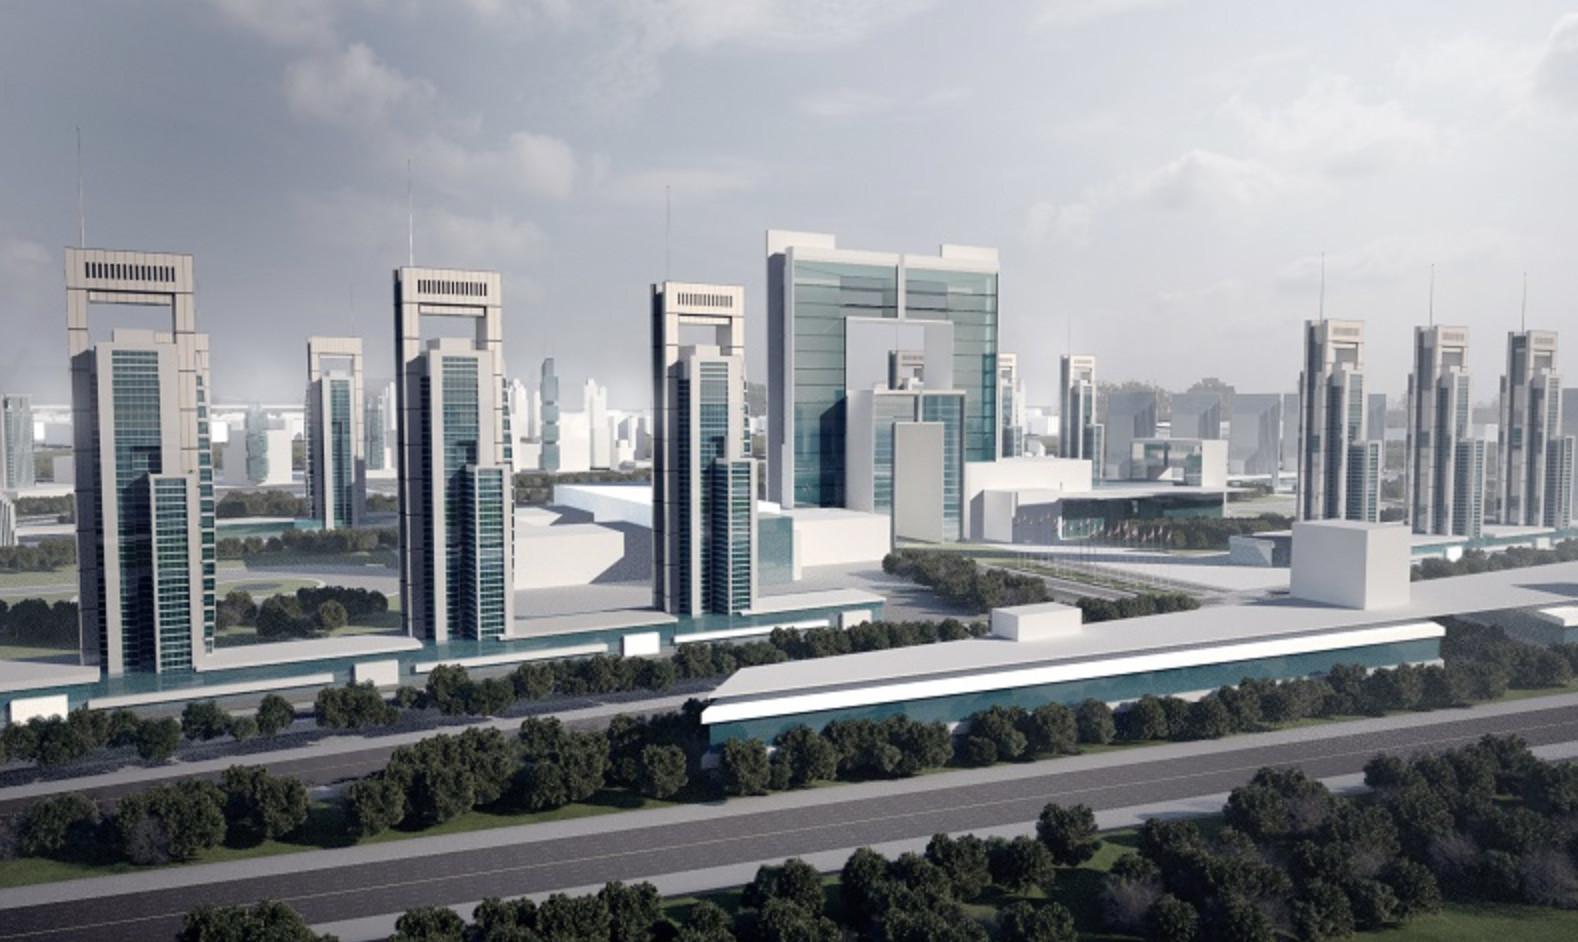 egypt's new capital